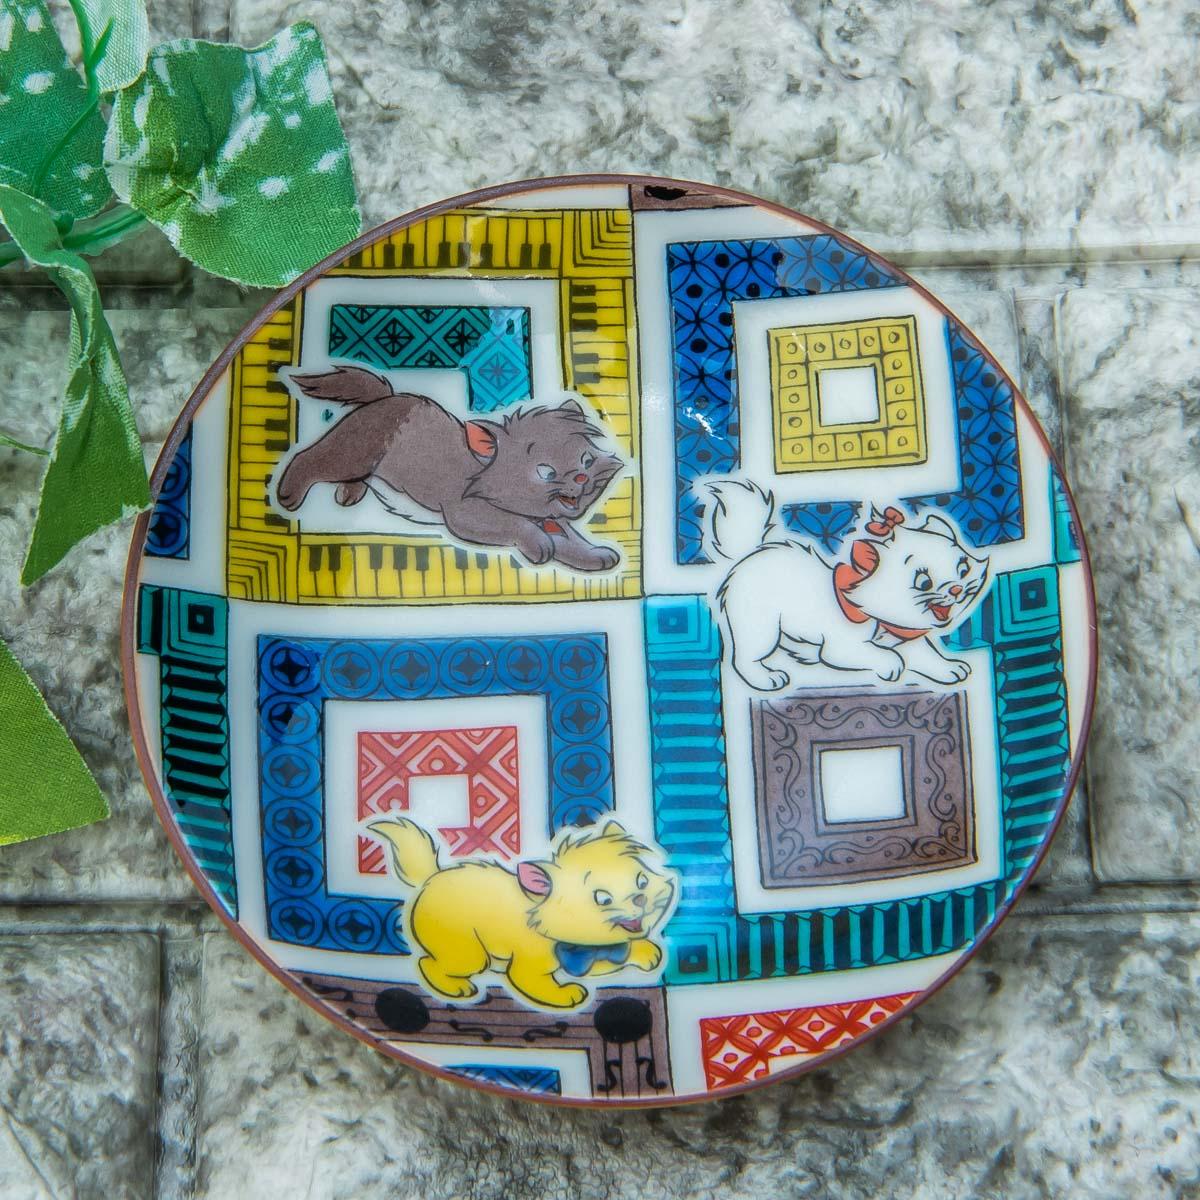 Disney Classics MARKET(ディズニー クラシックス マーケット)「九谷焼豆皿セット」おしゃれキャット